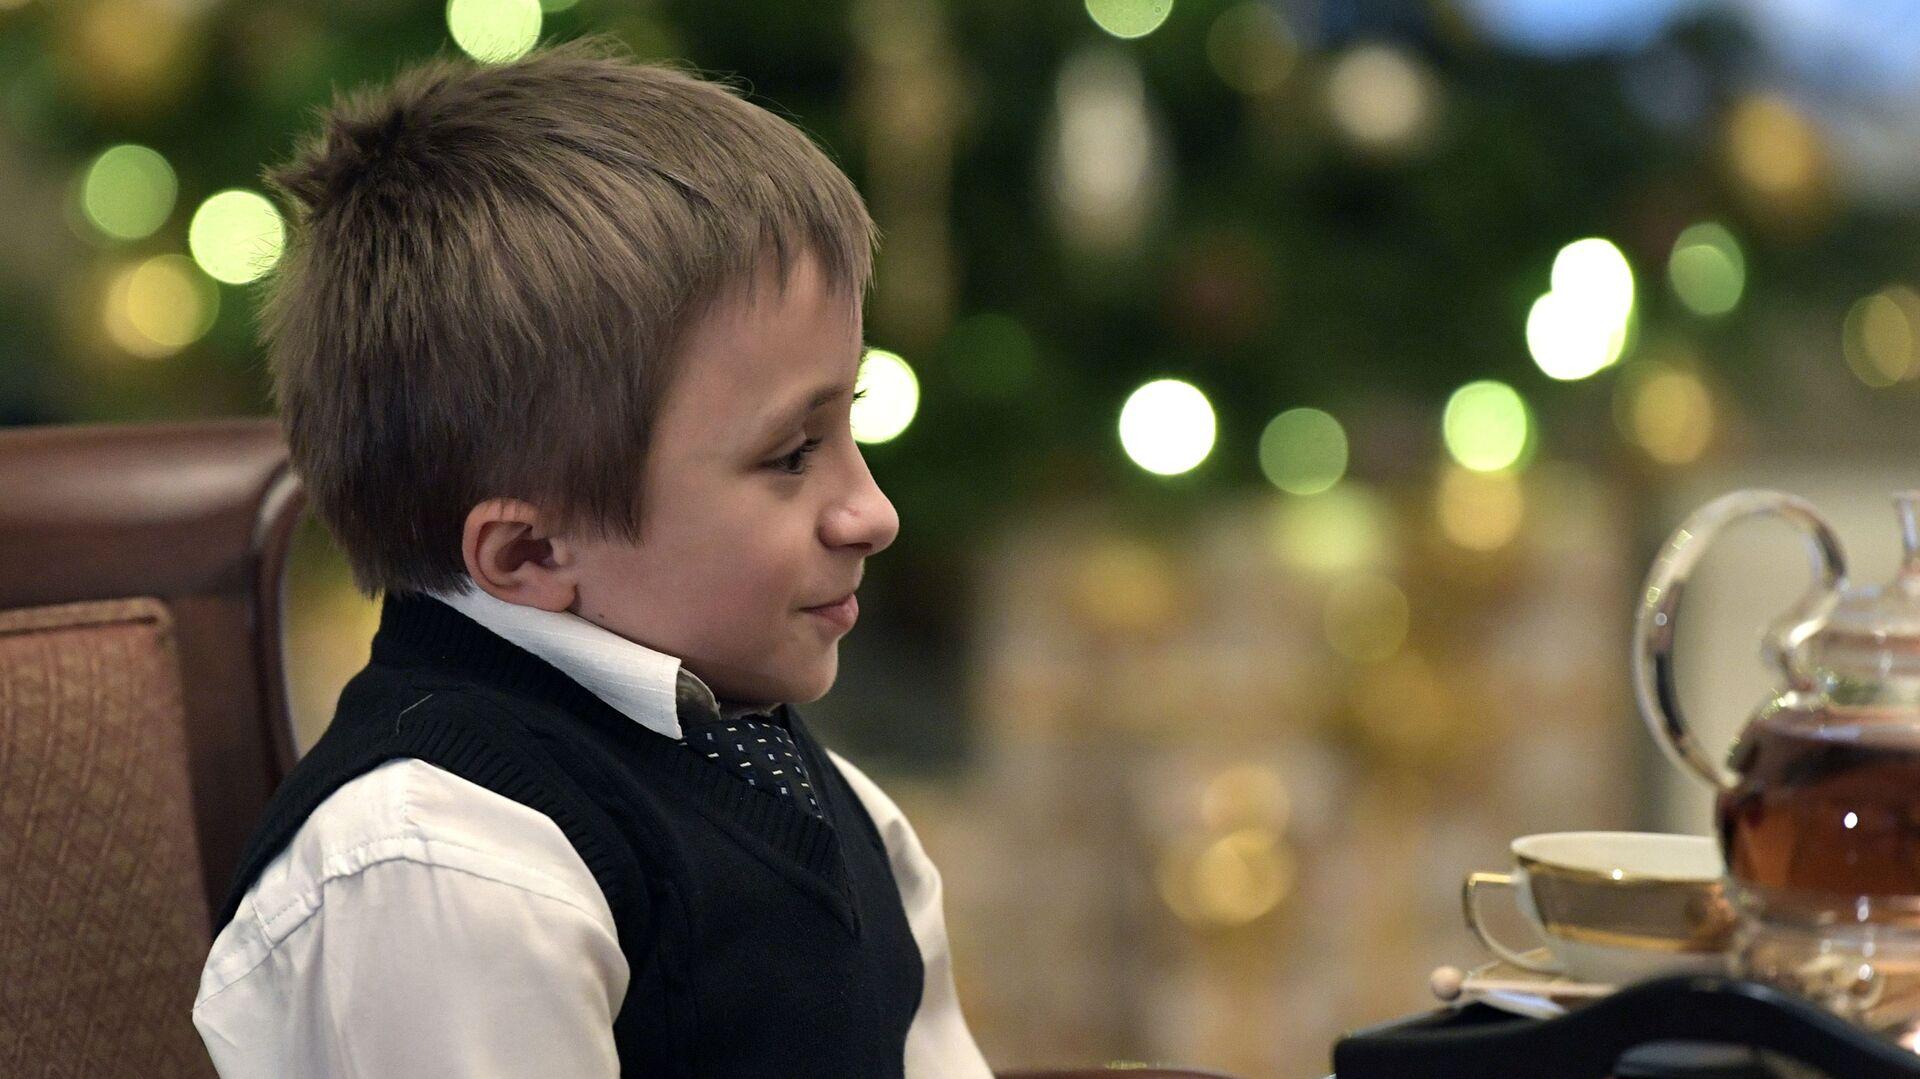 Обои подарок, Поздравление, Девочка, мальчик, дети. Настроения foto 14